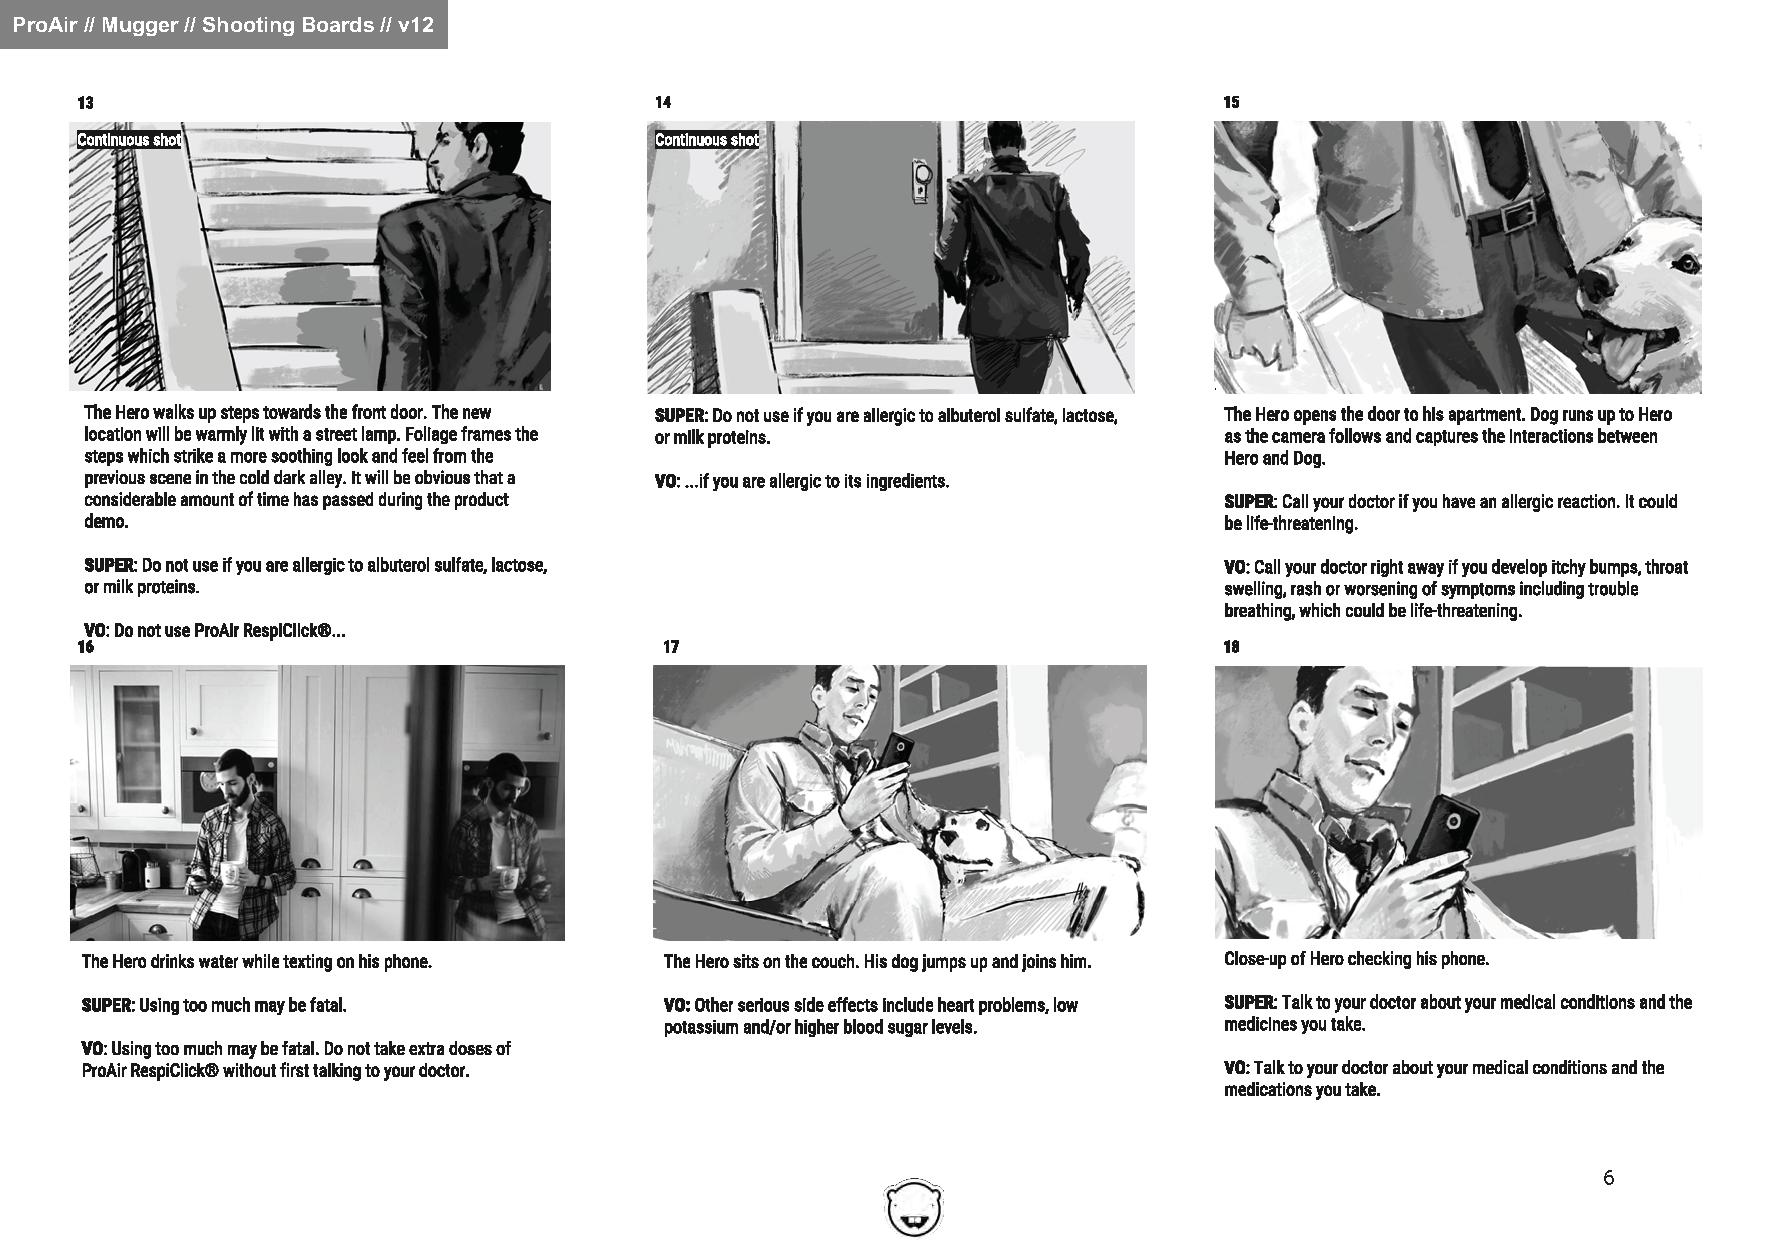 proair-mugger-PPB-v5_Page_06.png